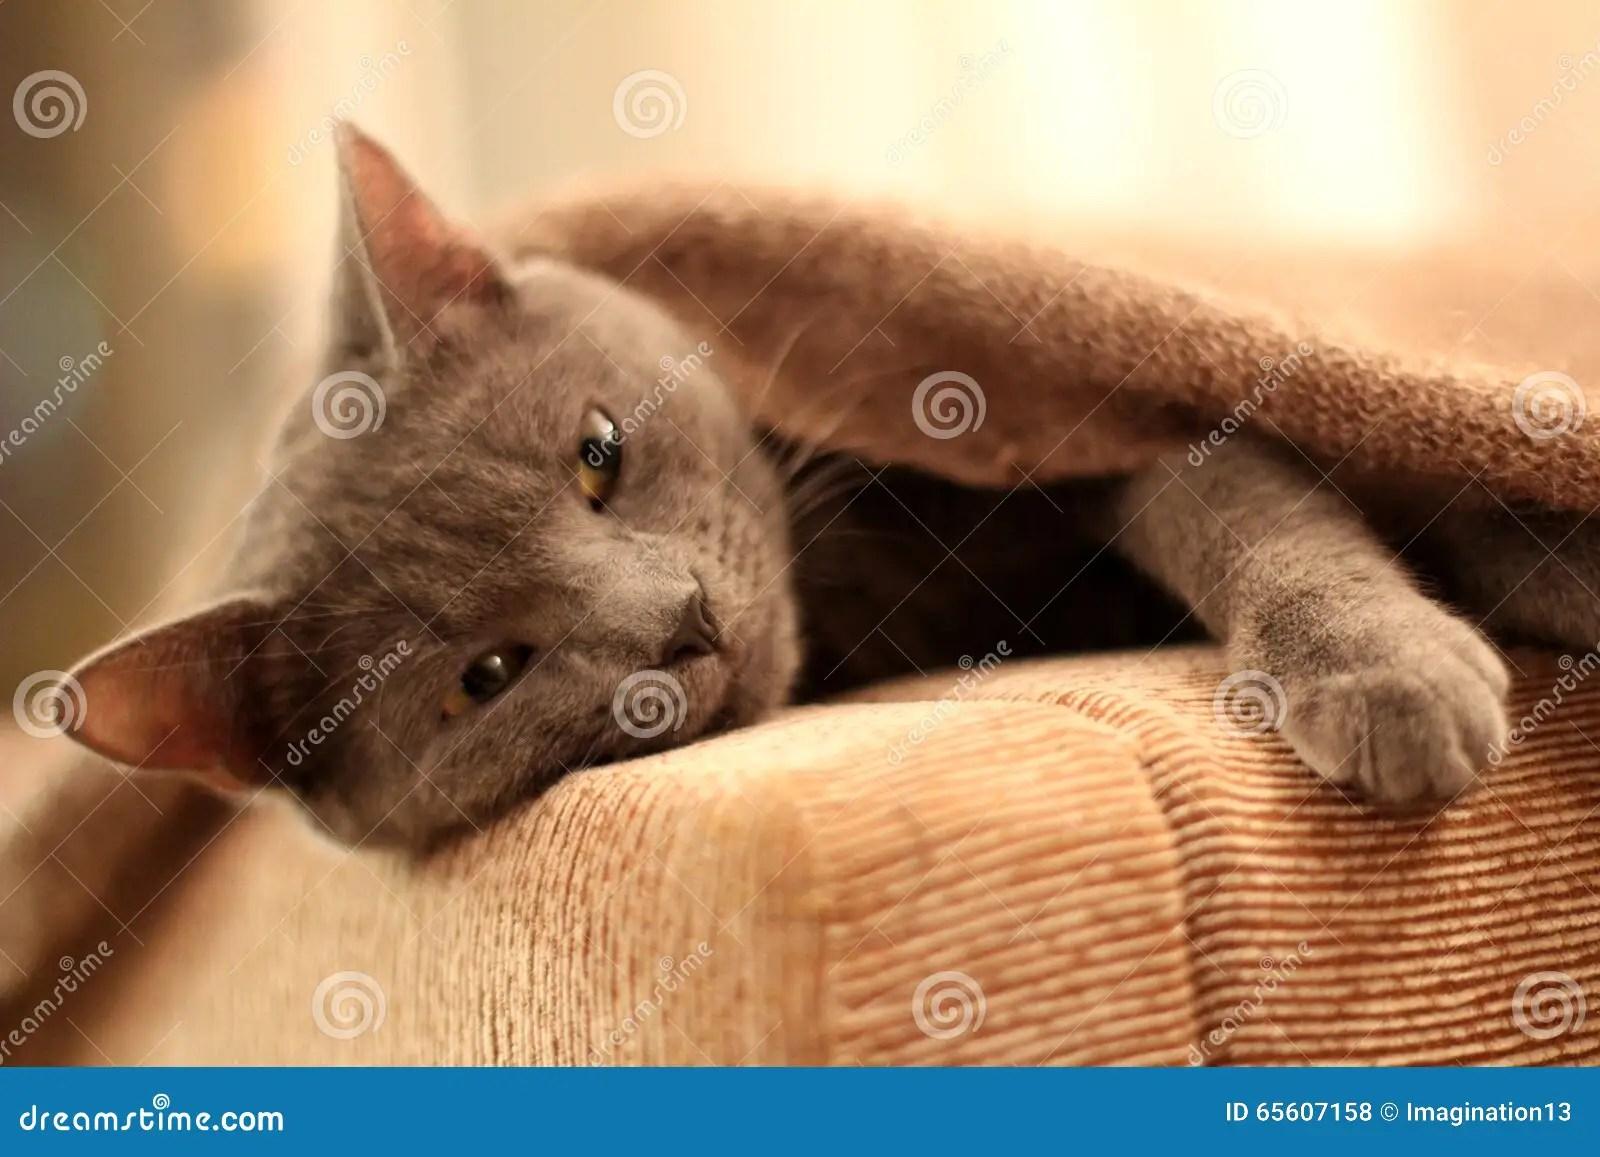 sleeper kitty stock photo